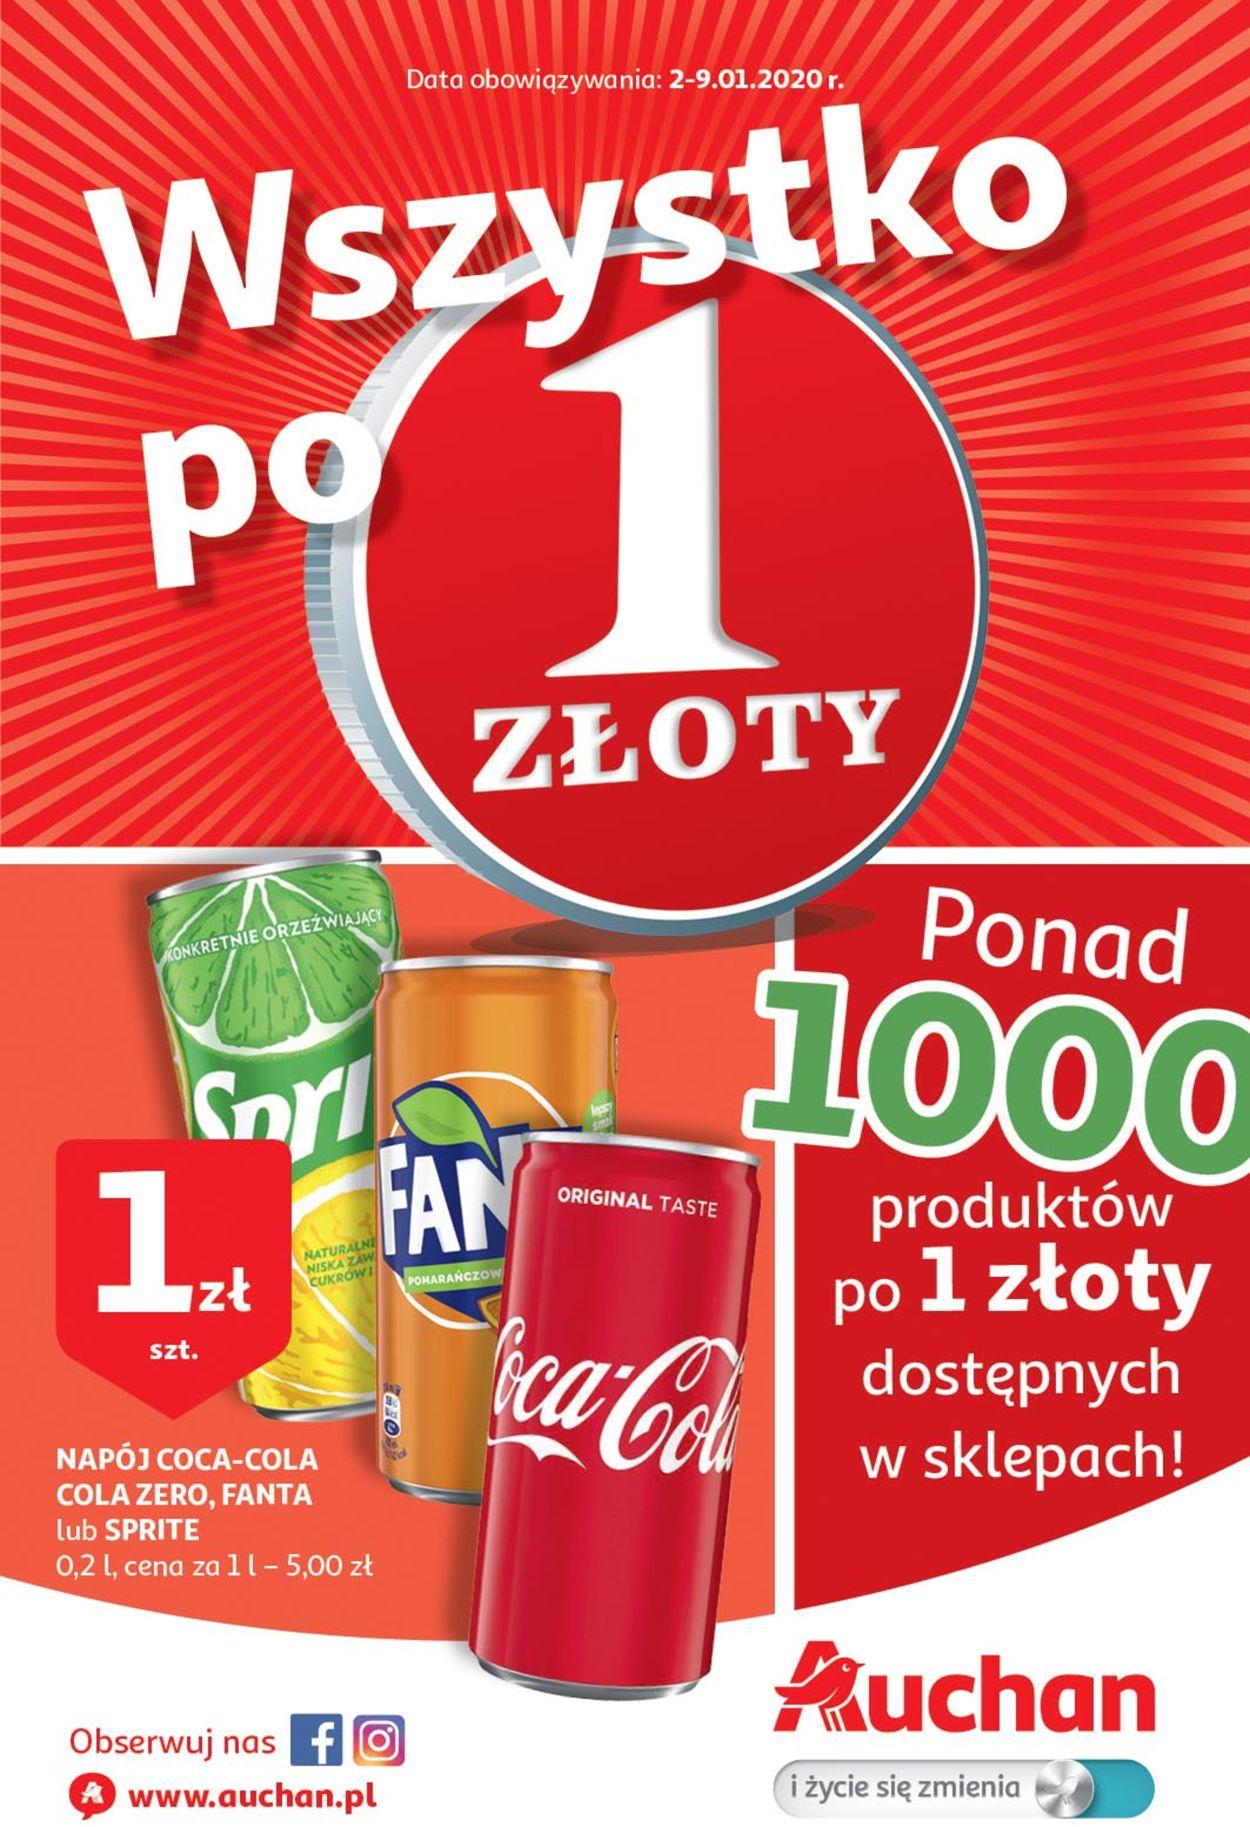 Gazetka promocyjna Auchan - 02.01-09.01.2020